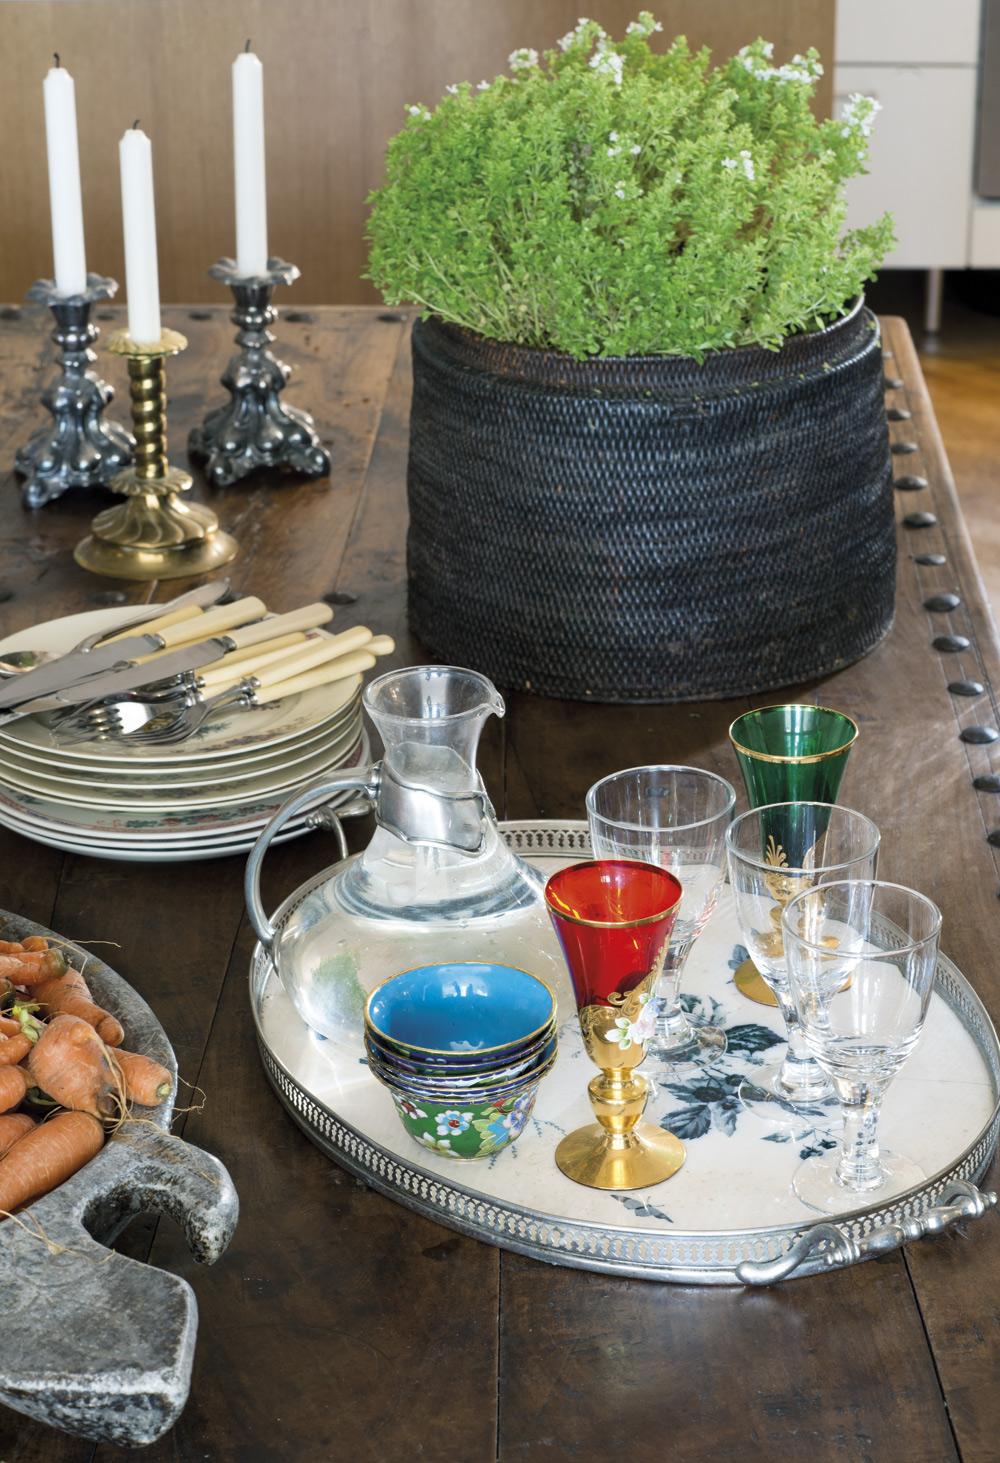 LÄCKER DUKNING. Svenska rokoko- och barockljusstakar. Antik mango-korg, nya och äldre glas på bricka.